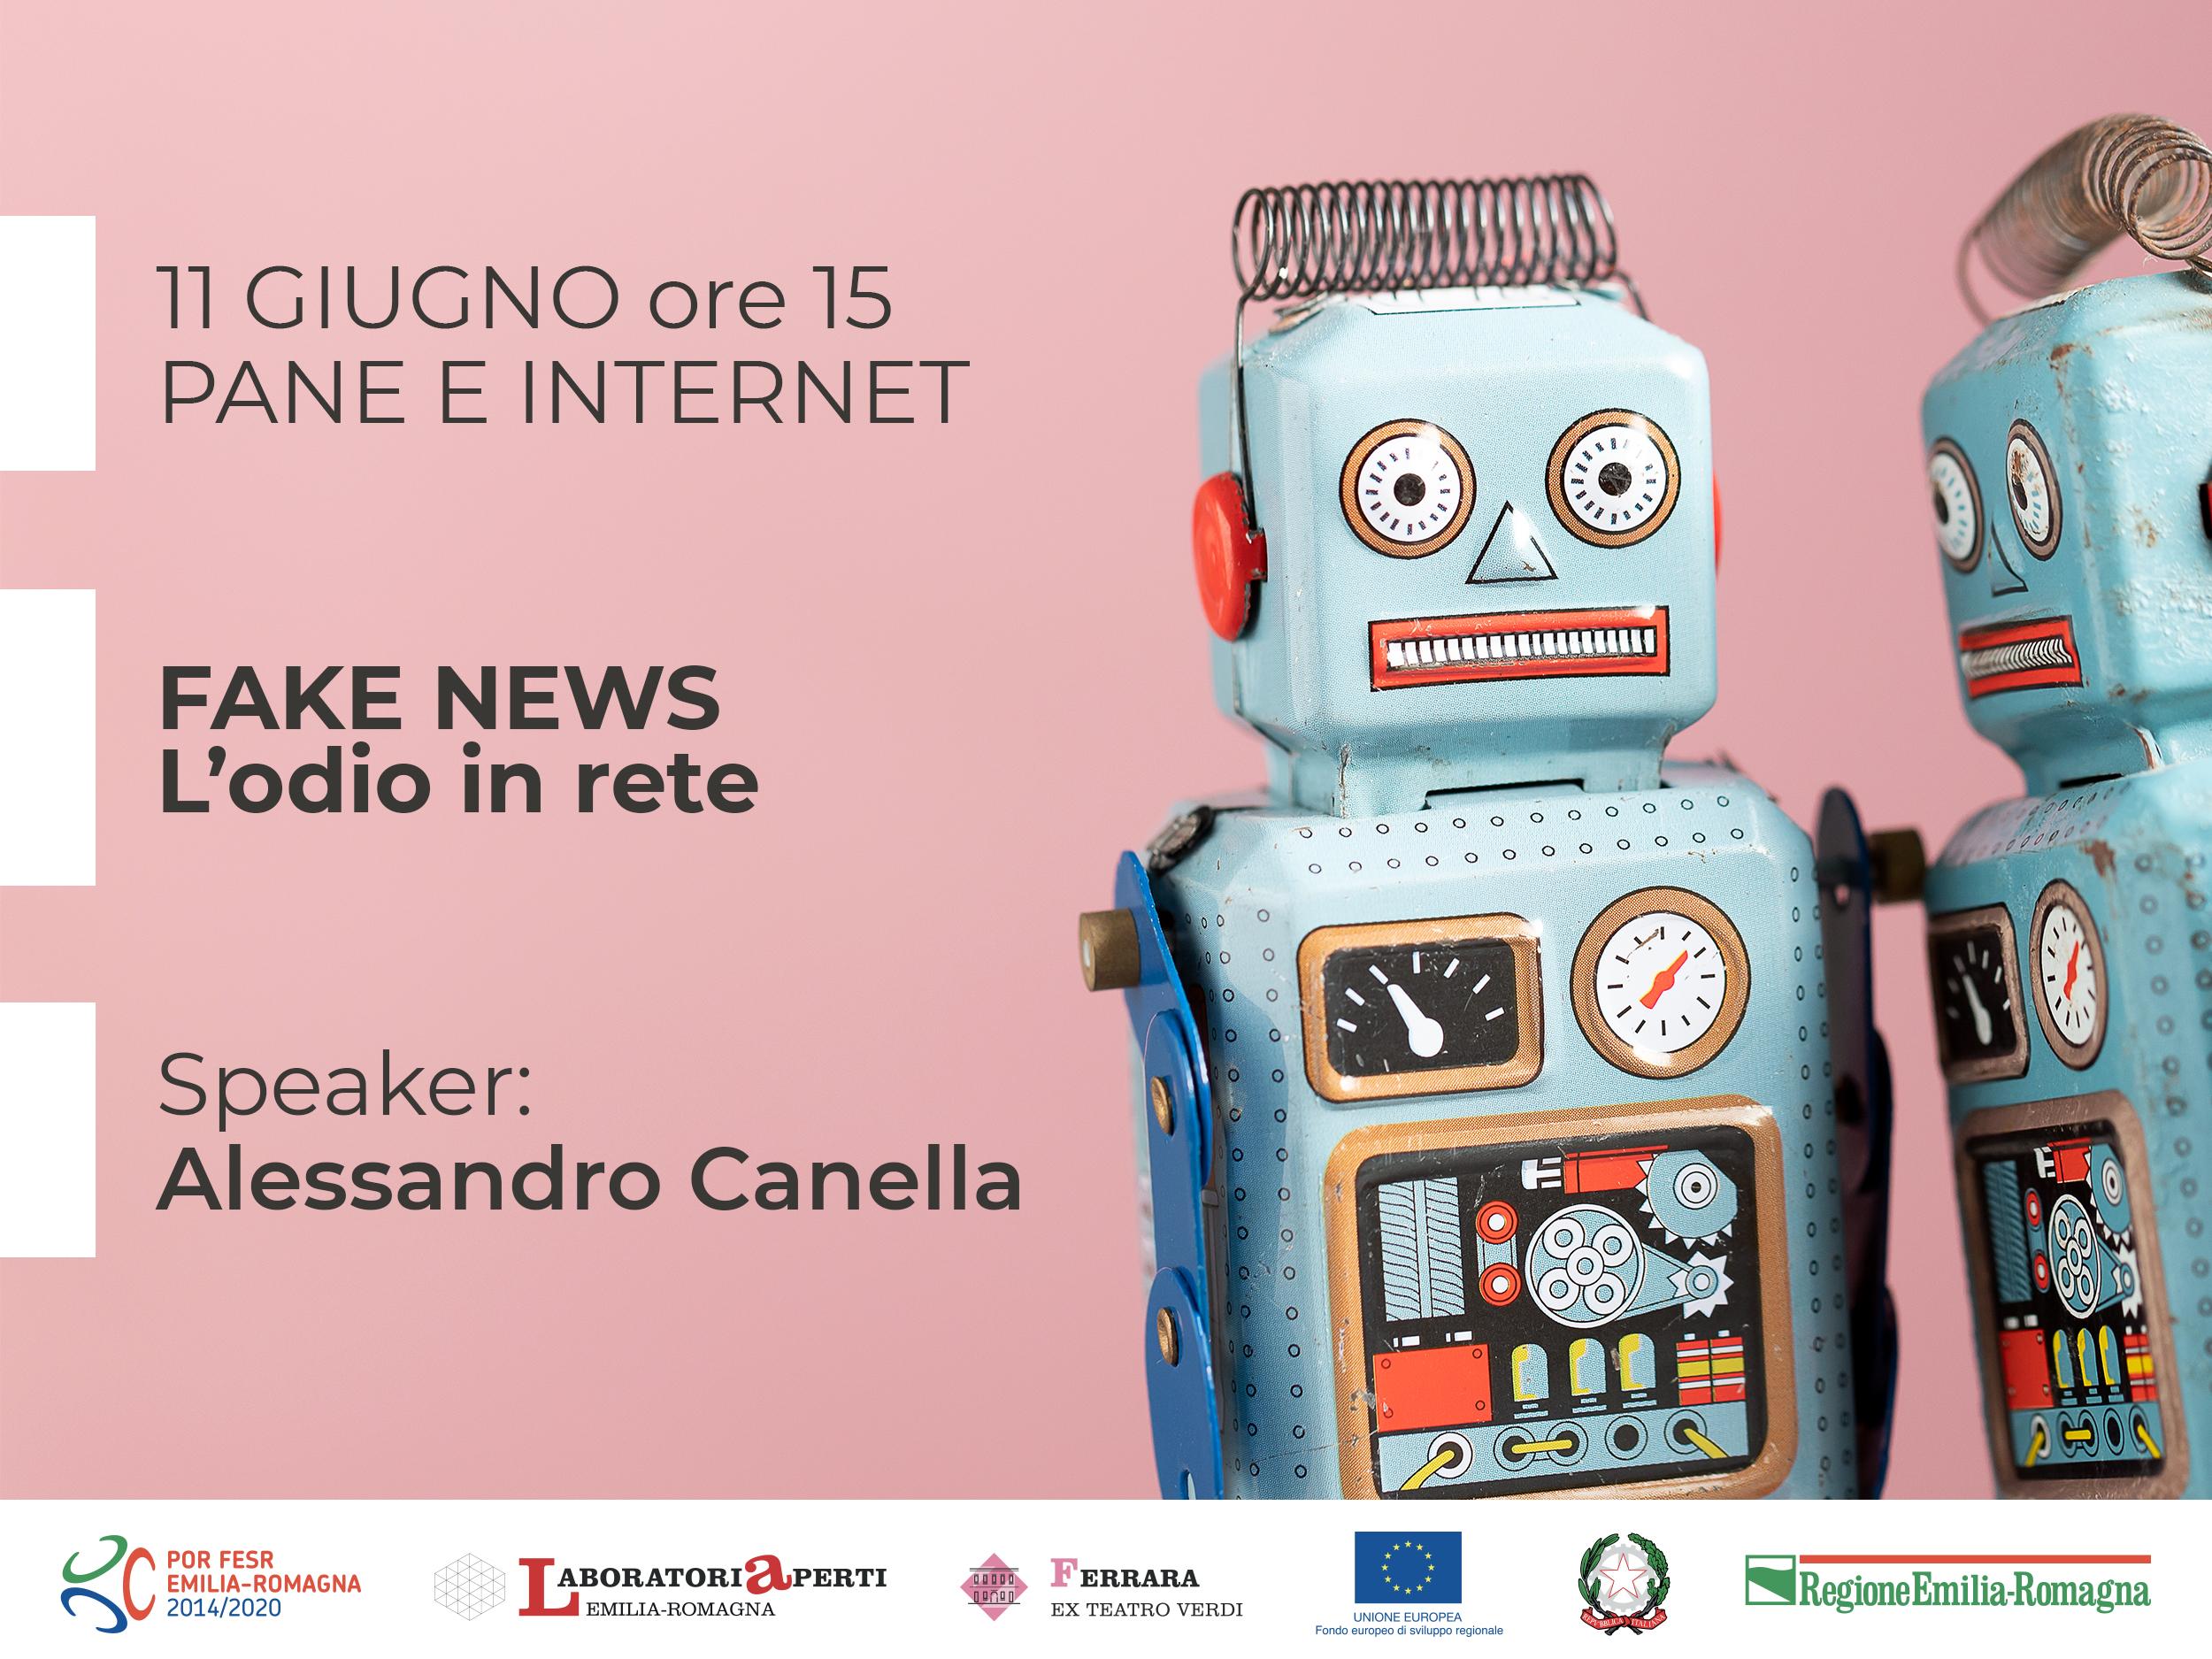 11 GIUGNO: FAKE NEWS: l'odio il rete